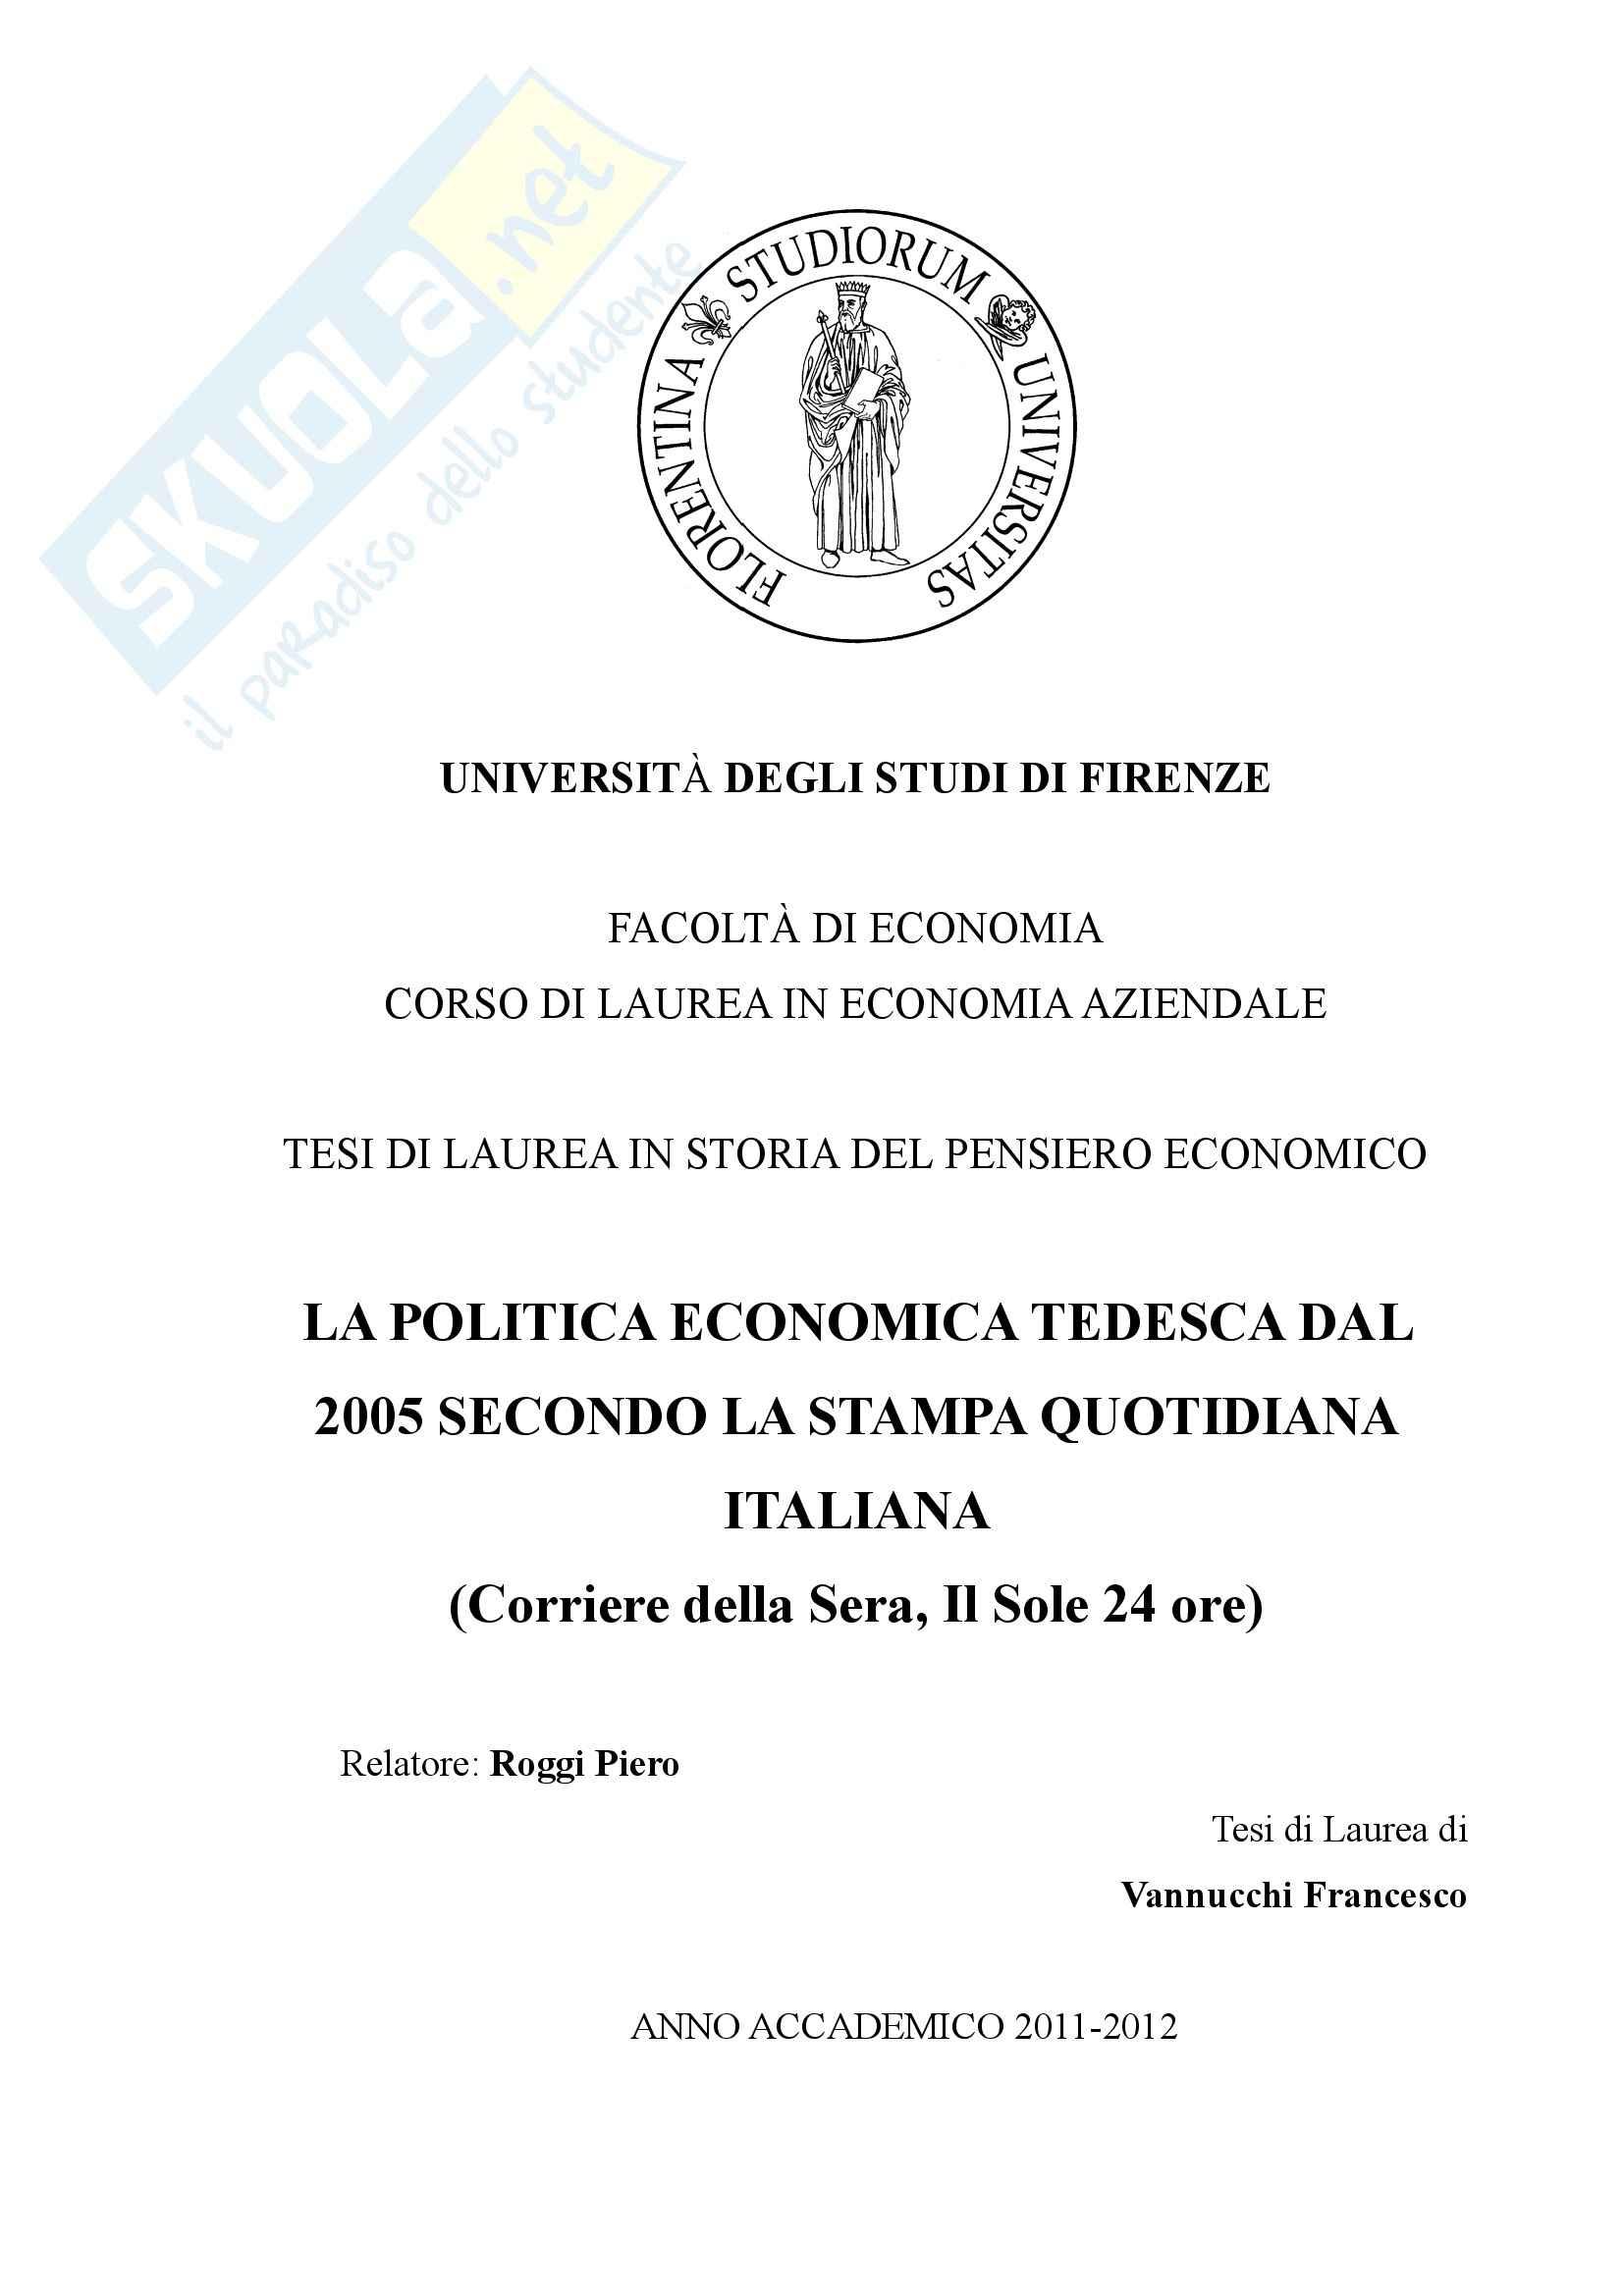 La politica economica tedesca dal 2005 secondo la stampa quotidiana italiana - Tesi